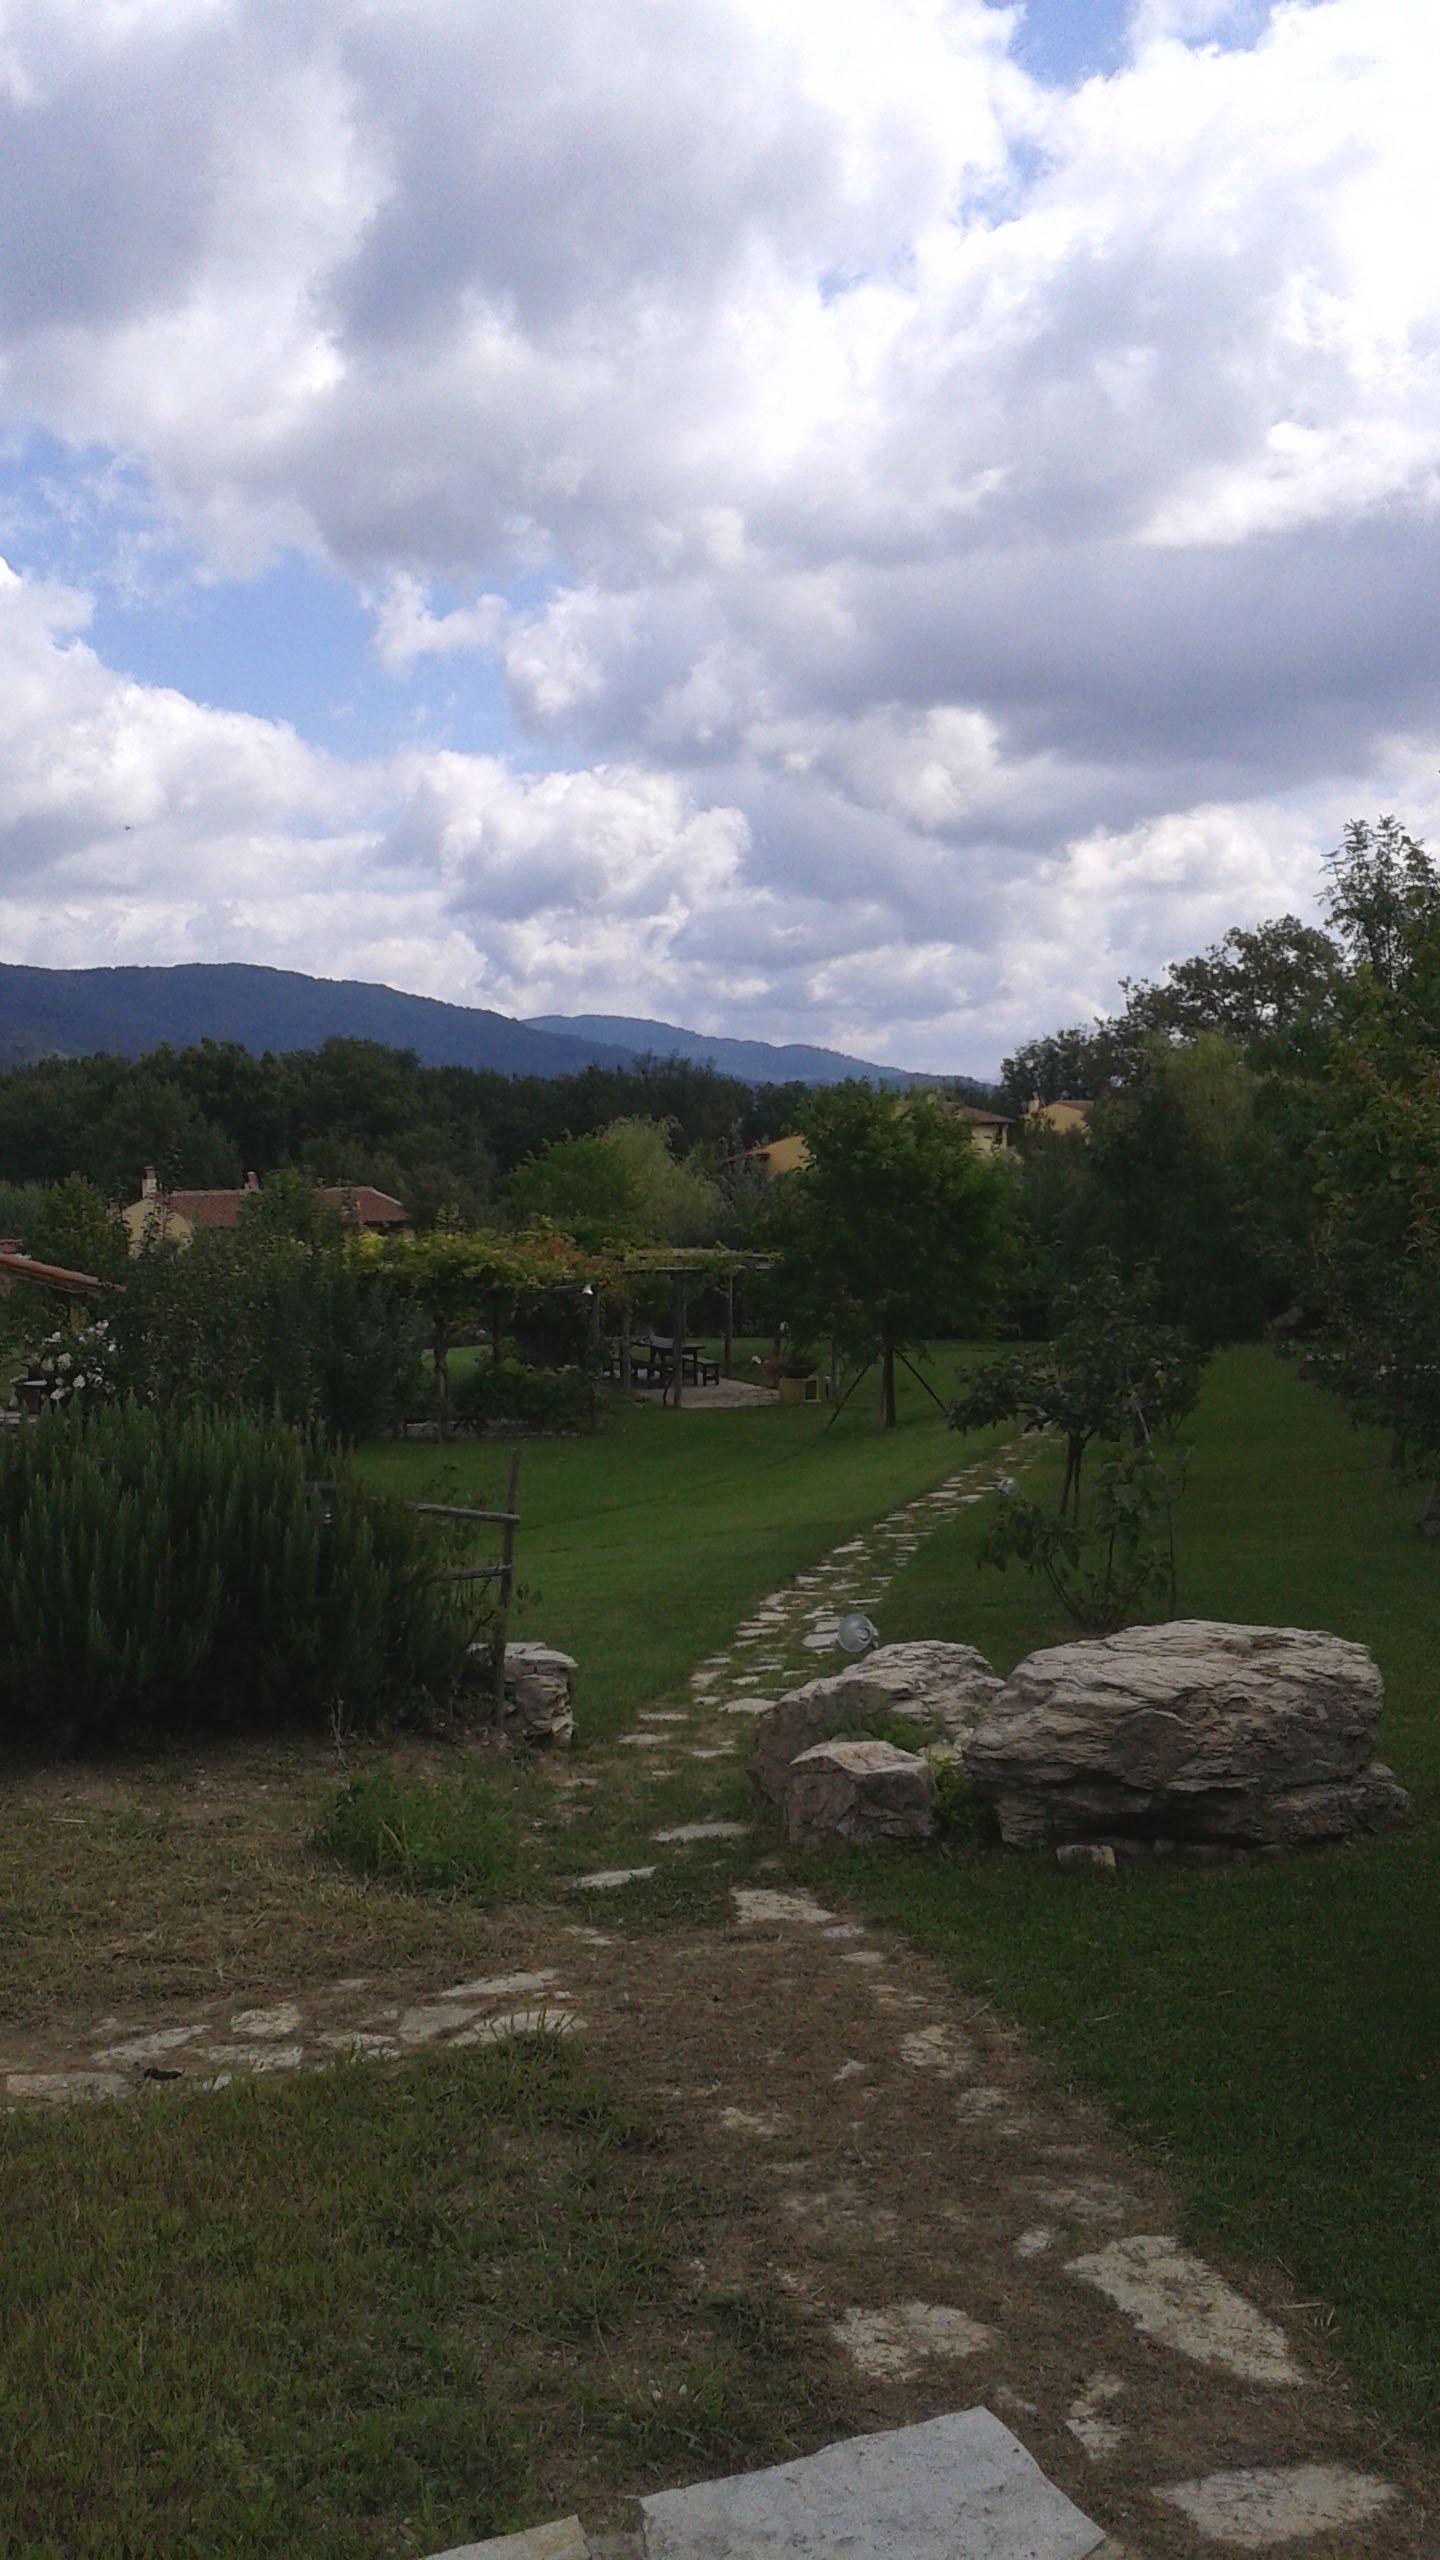 sentiero in pietra all'interno di un grande giardino privato